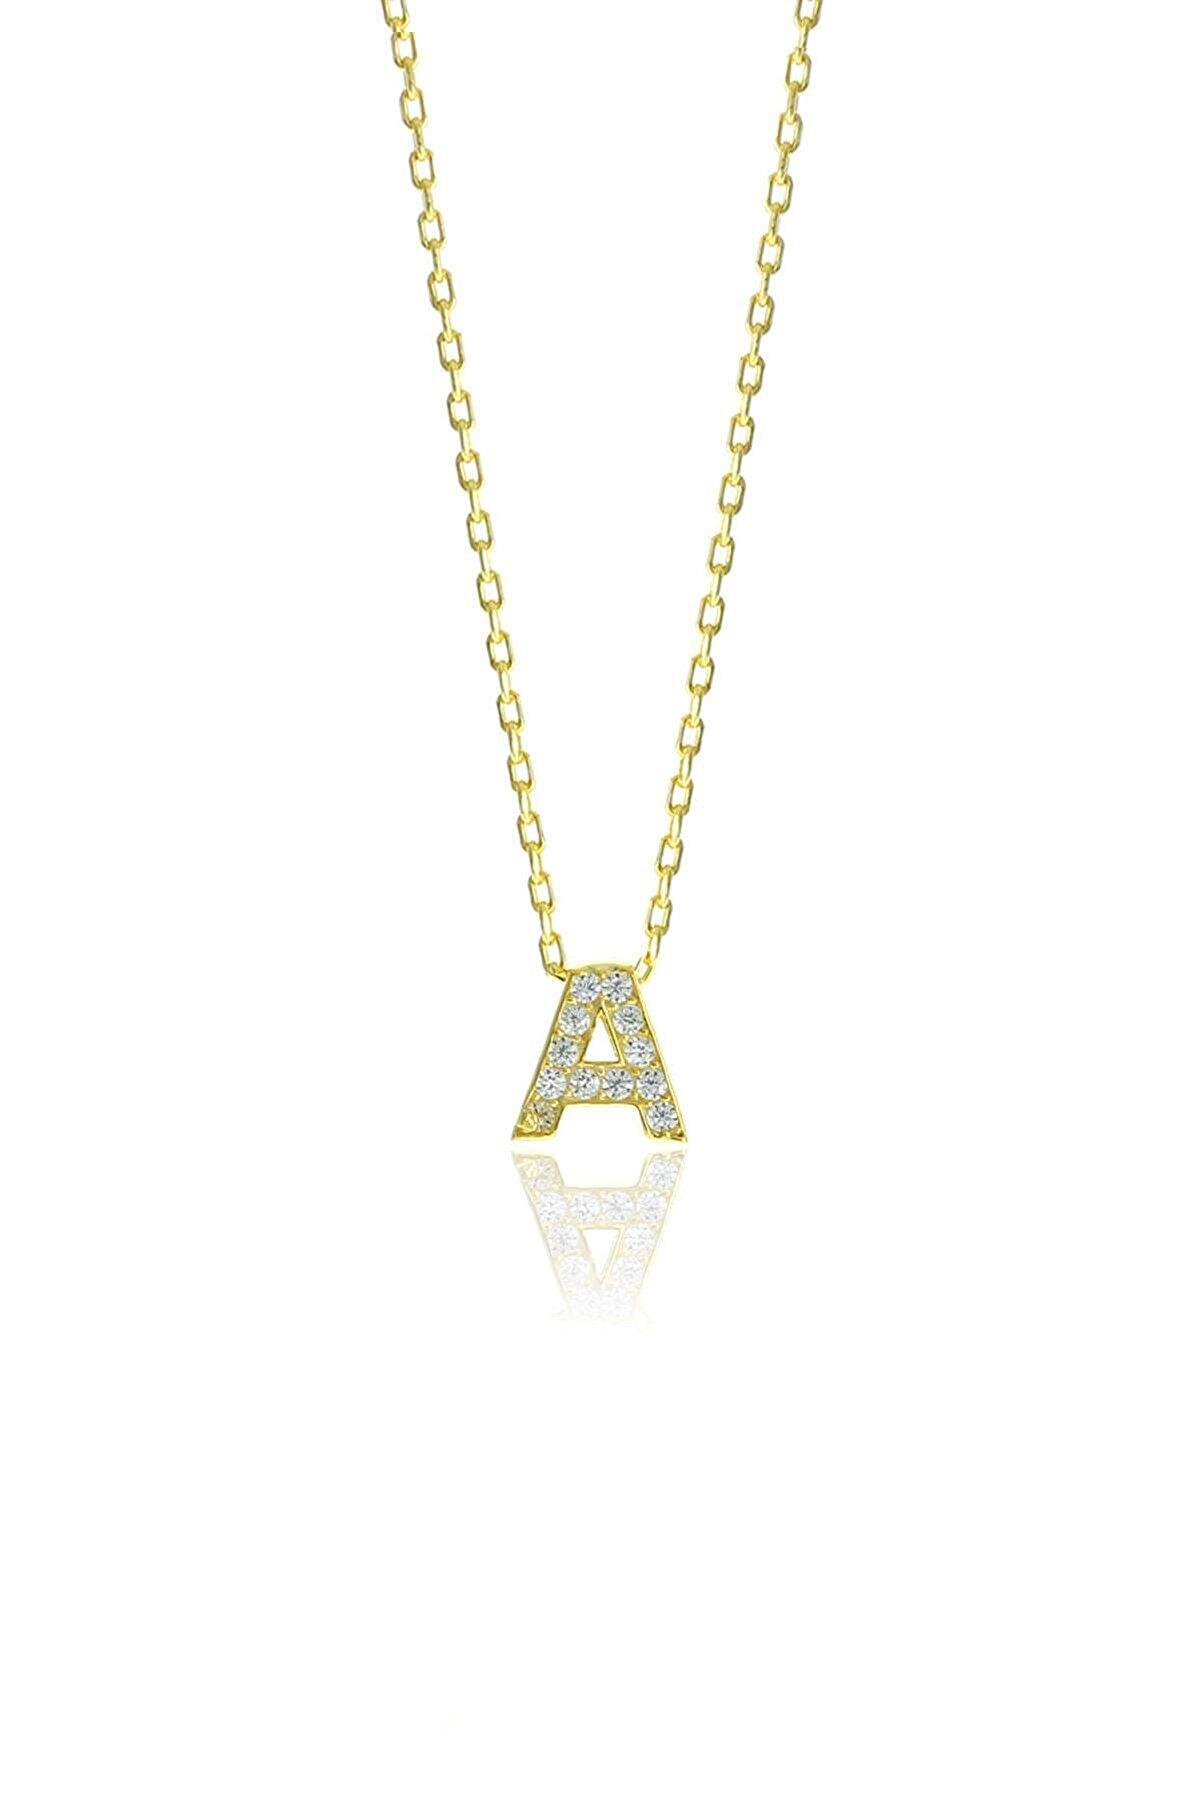 Söğütlü Silver Gümüş  Altın Yaldızlı Üç Boyutlu Minimal A Gümüş Harf Kolye